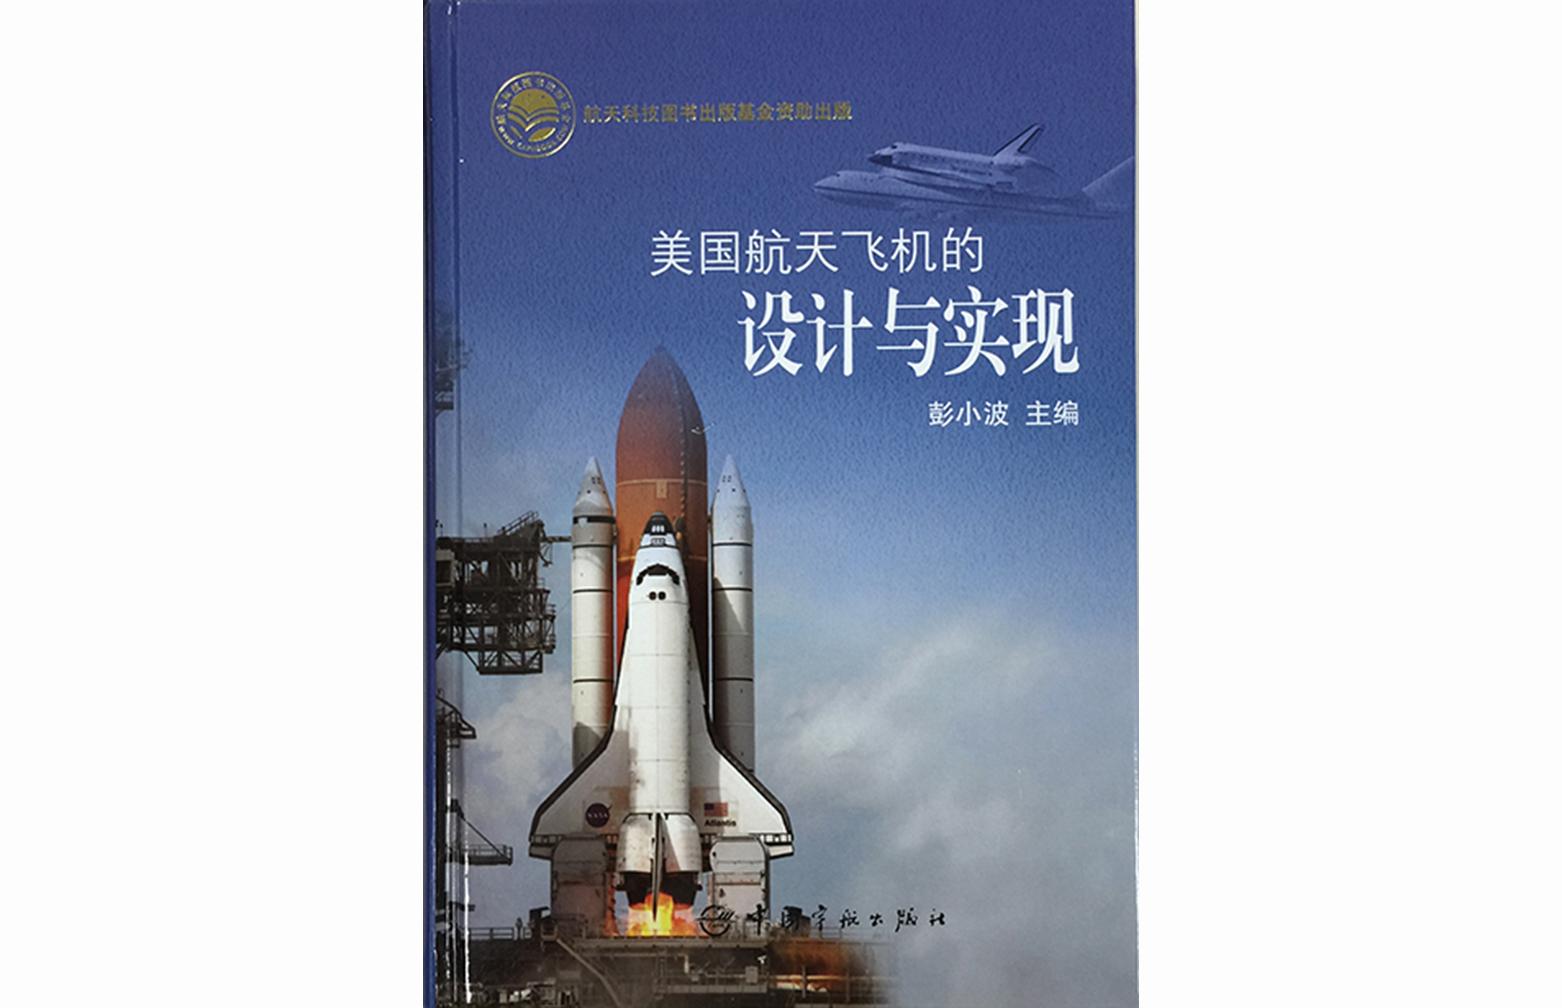 该书由中国宇航出版社出版发行,在对国内外有关航天飞机文献广泛调研的基础上,系统研究总结了航天飞机的研制历程,重点分析了航天飞机轨道器总体设计方法以及主要分系统的总体方案与设计思路,为我国重复使用运载器技术领域的研究与发展提供借鉴意义。   航天飞机在学术界通常是指包含轨道飞行器(亦称轨道器)、外贮箱和固体助推器在内的一个完整系统,而人们泛指的航天飞机实际上仅是其中的一个组成部分——轨道器,主要原因在于轨道器具有重复使用运载器的显著特征,也是航天飞机的核心组成部分。   本书的